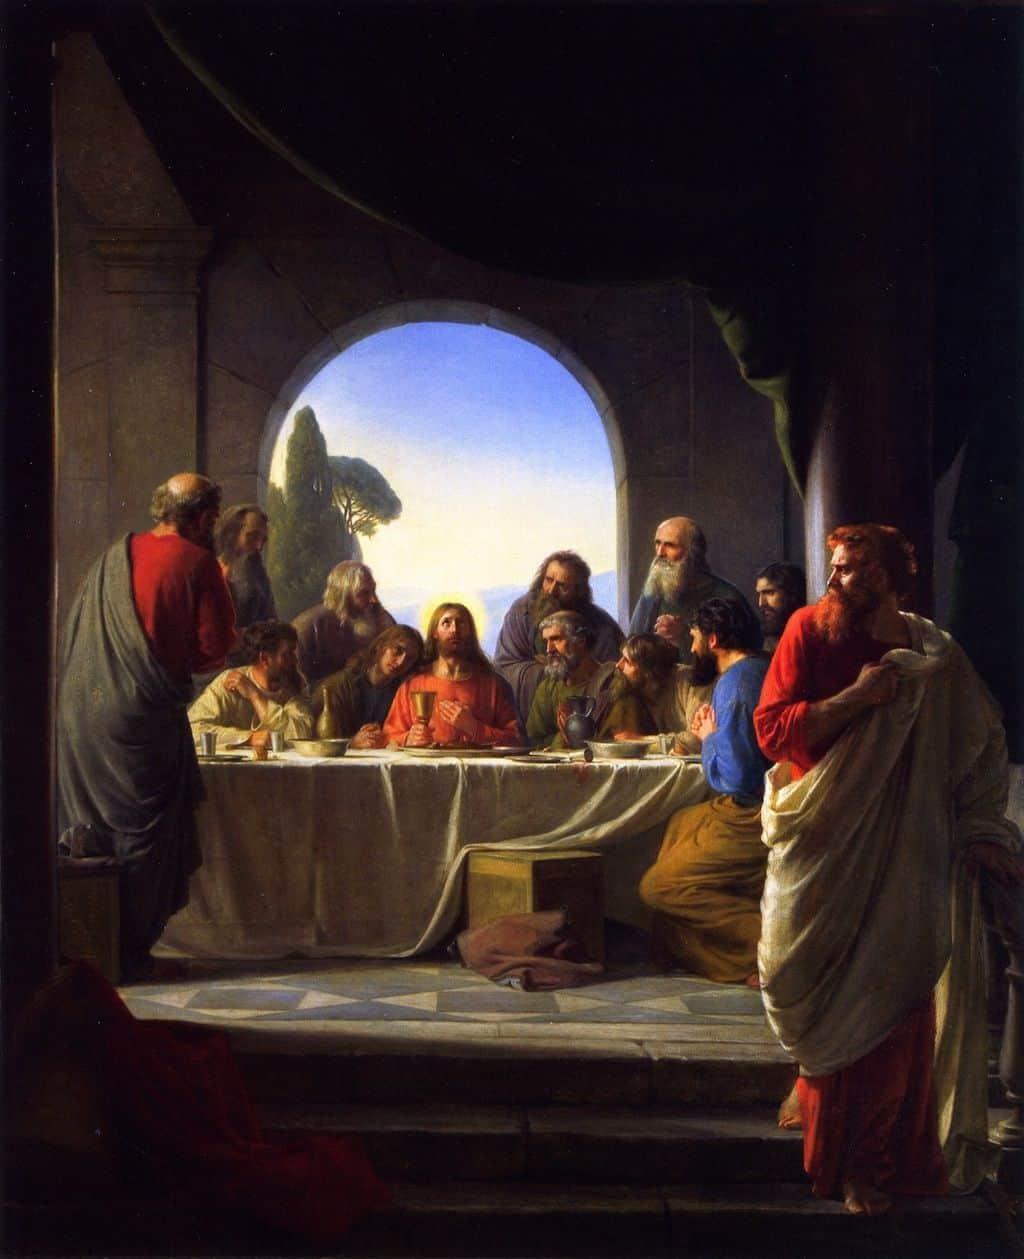 קרל בלוך, הסעודה האחרונה, יהודה איש קריות